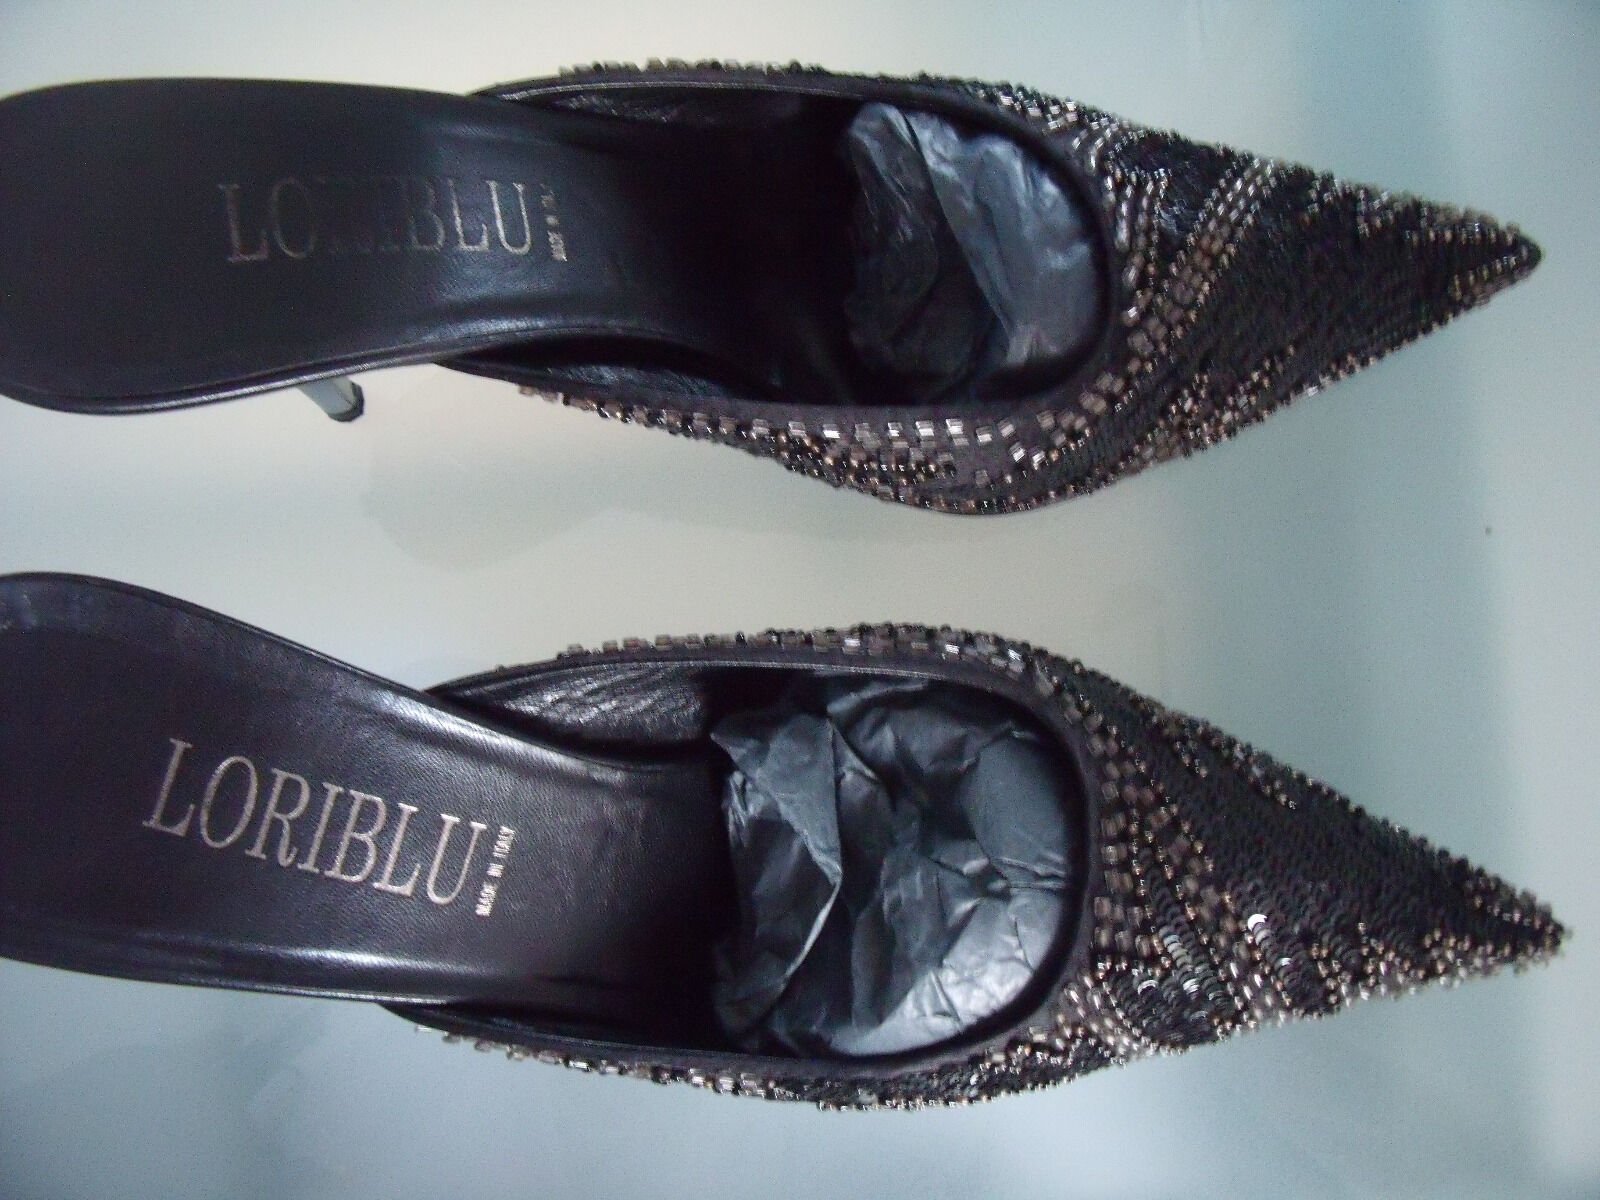 LORIBlau LUXUS Damenschuhe  in schwarz, Gr.38 wie neu neu neu  | Schöne Farbe  | Günstige Preise  | Kaufen  6e16fd